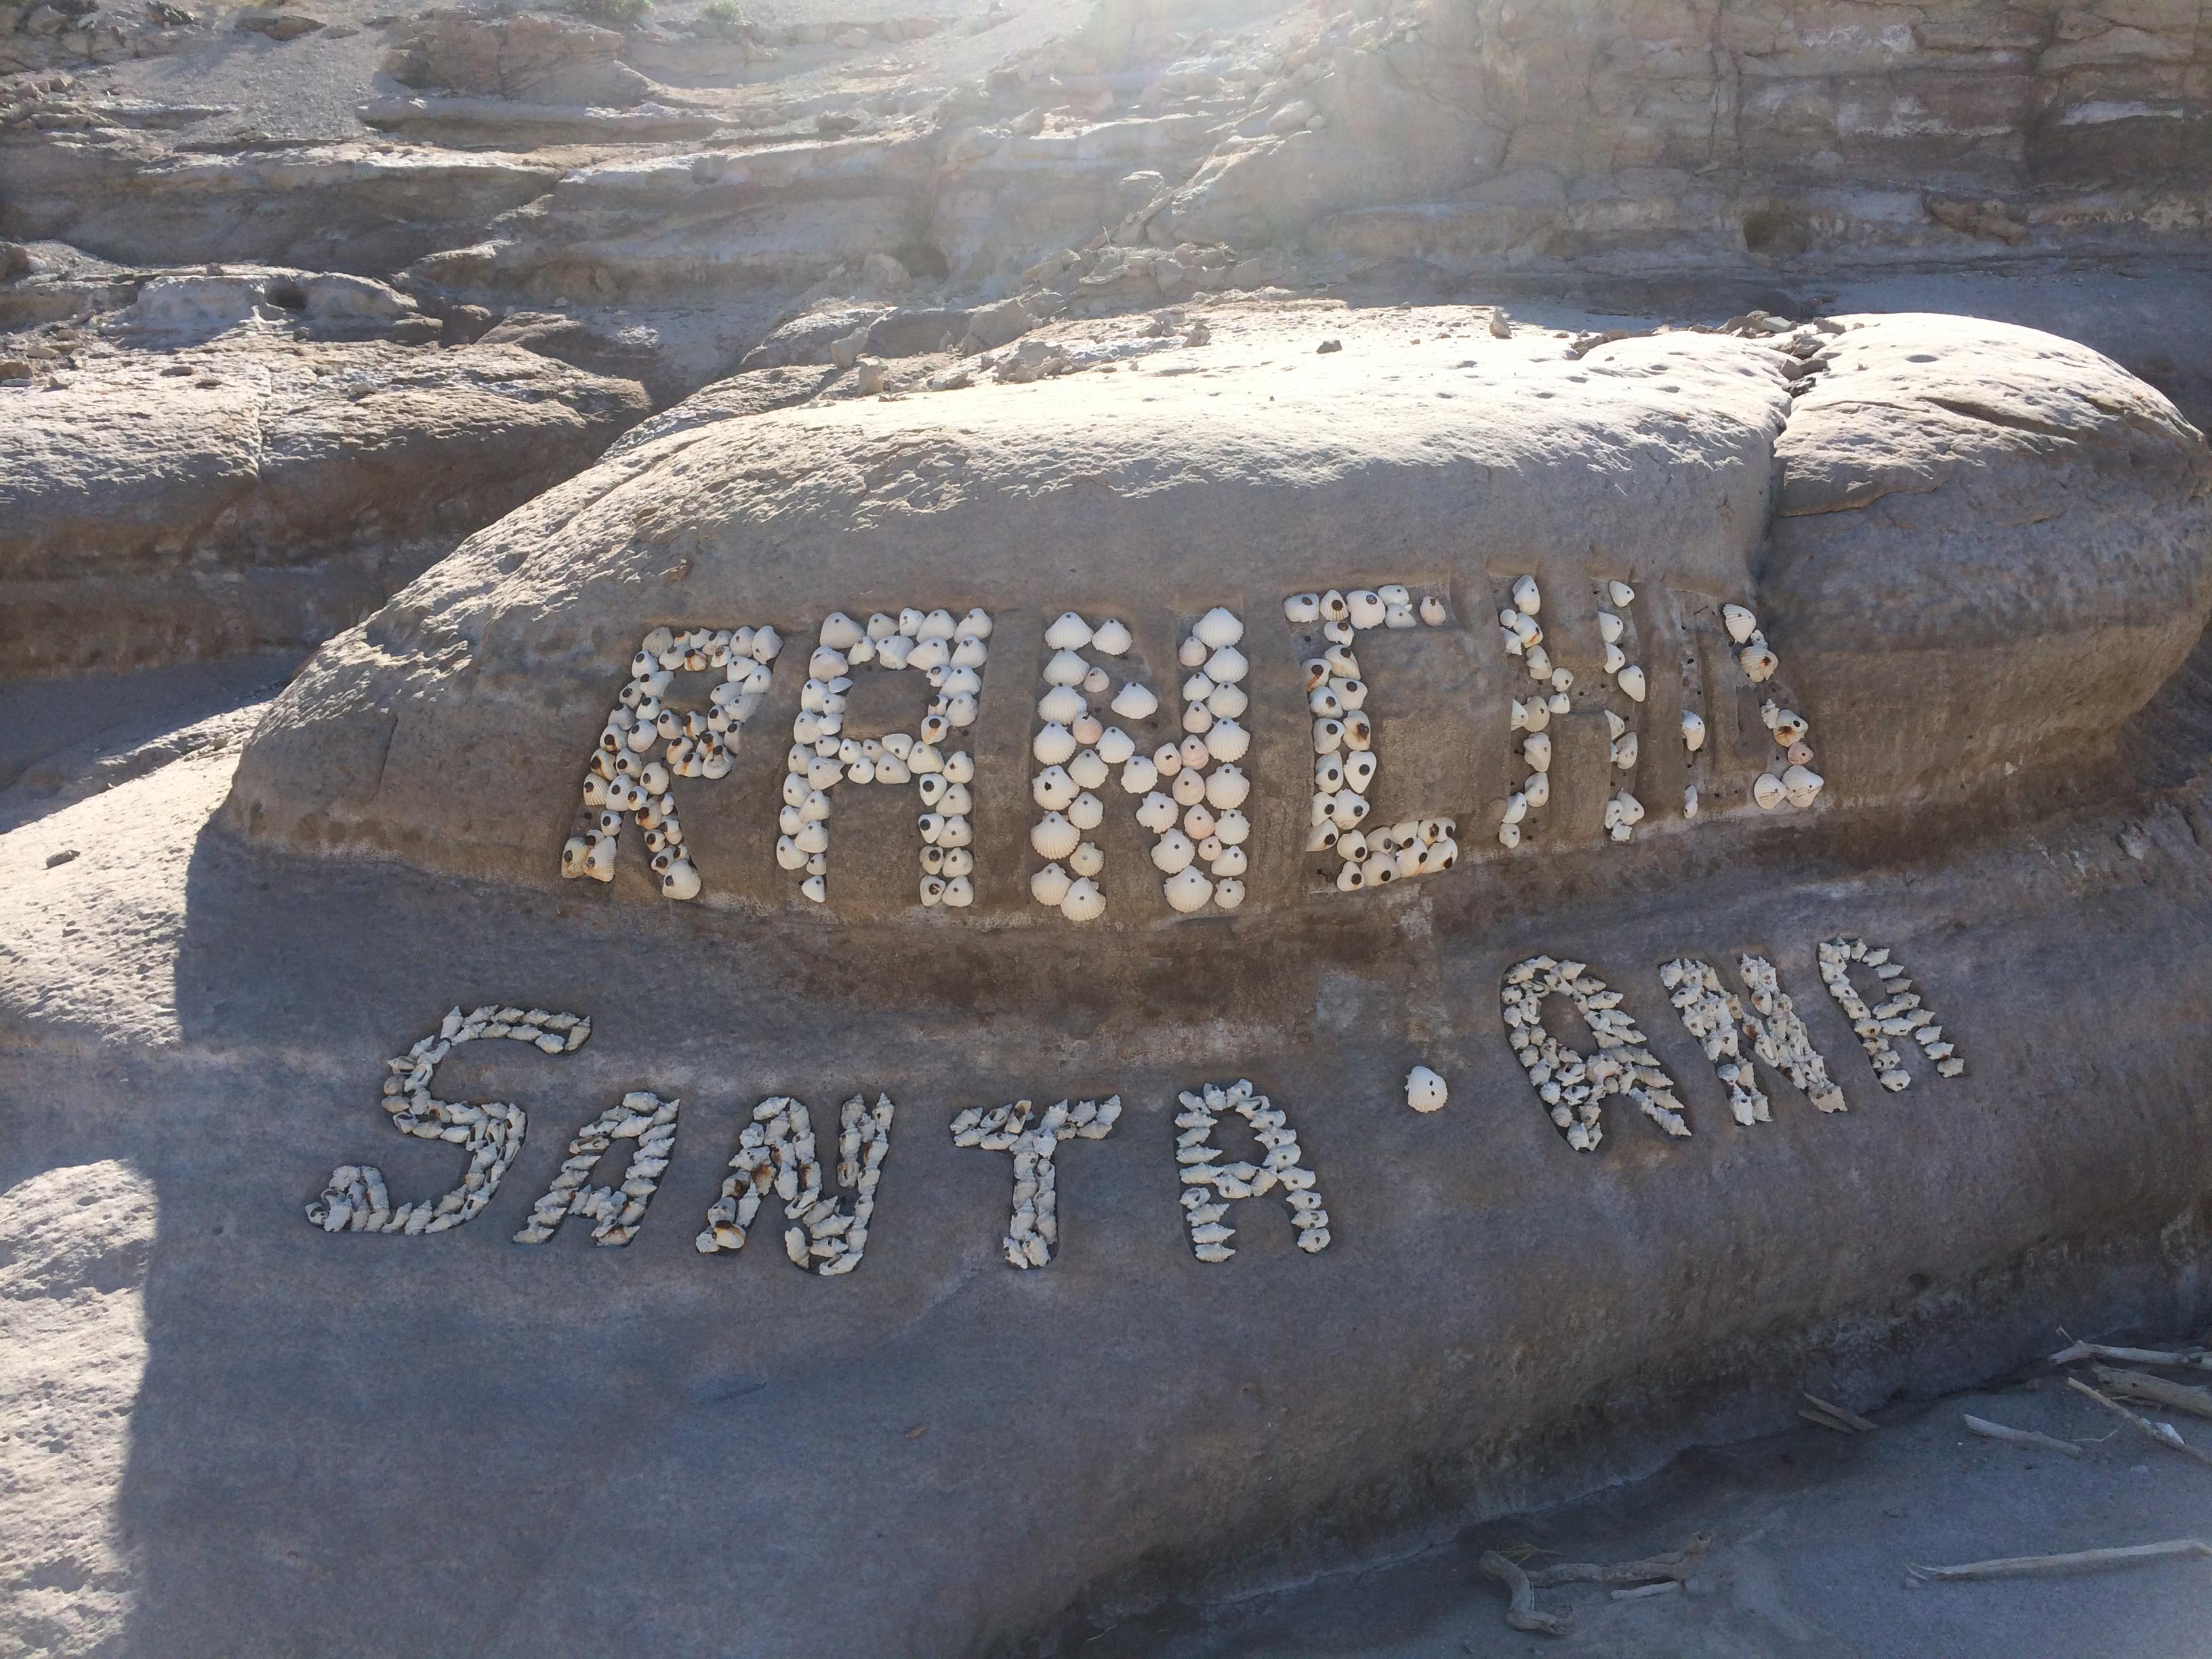 Rancha Santa Ana